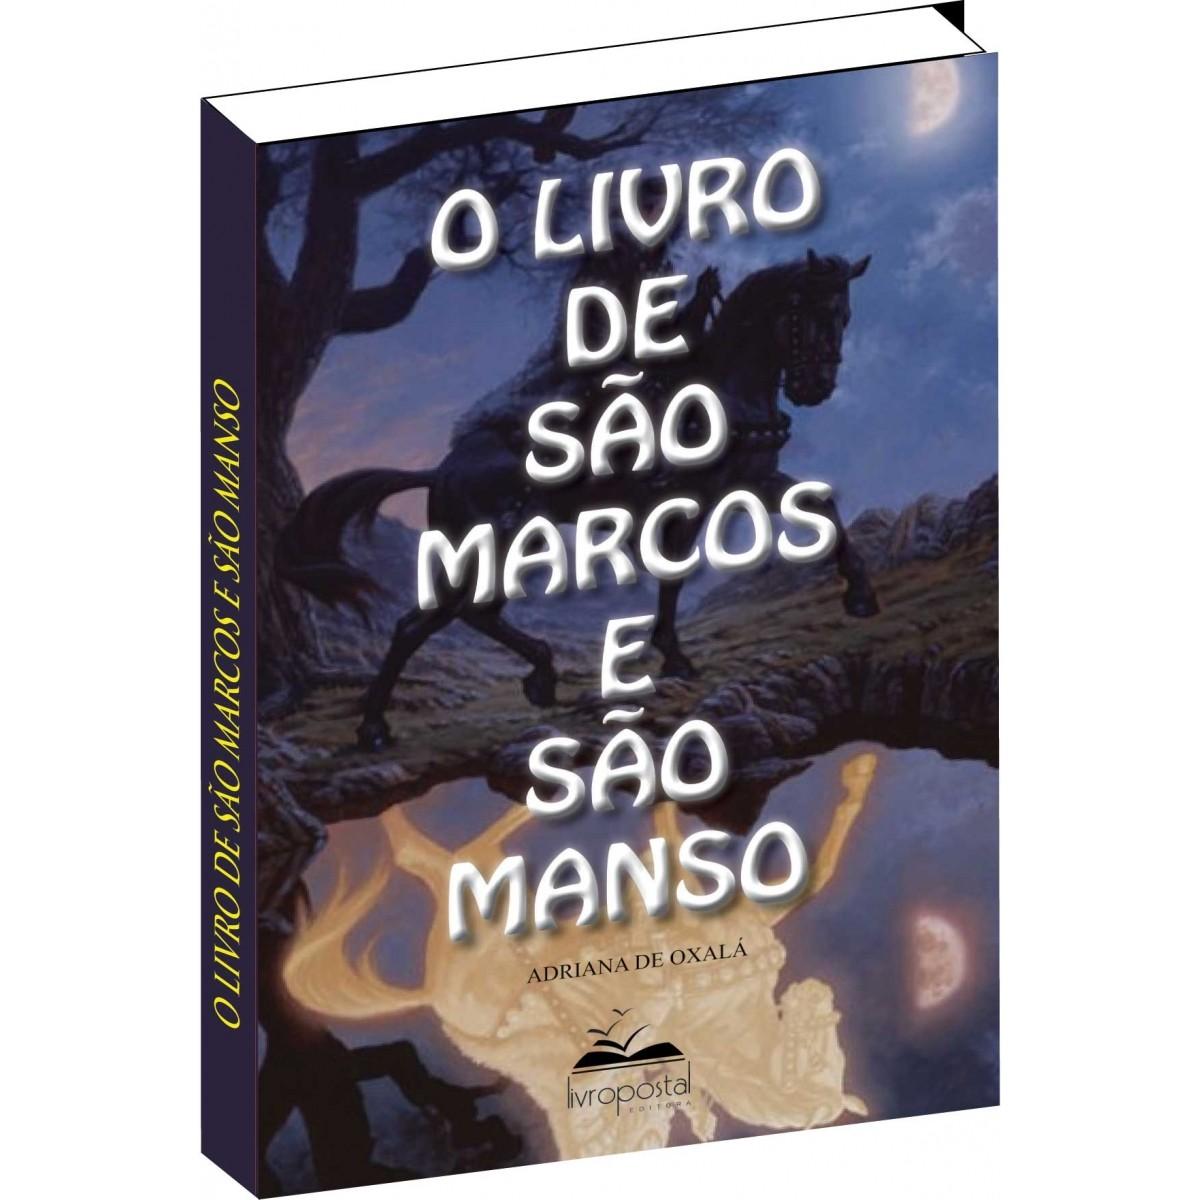 Ebook do Livro de São Marcos e São Manso  - Livropostal Editora